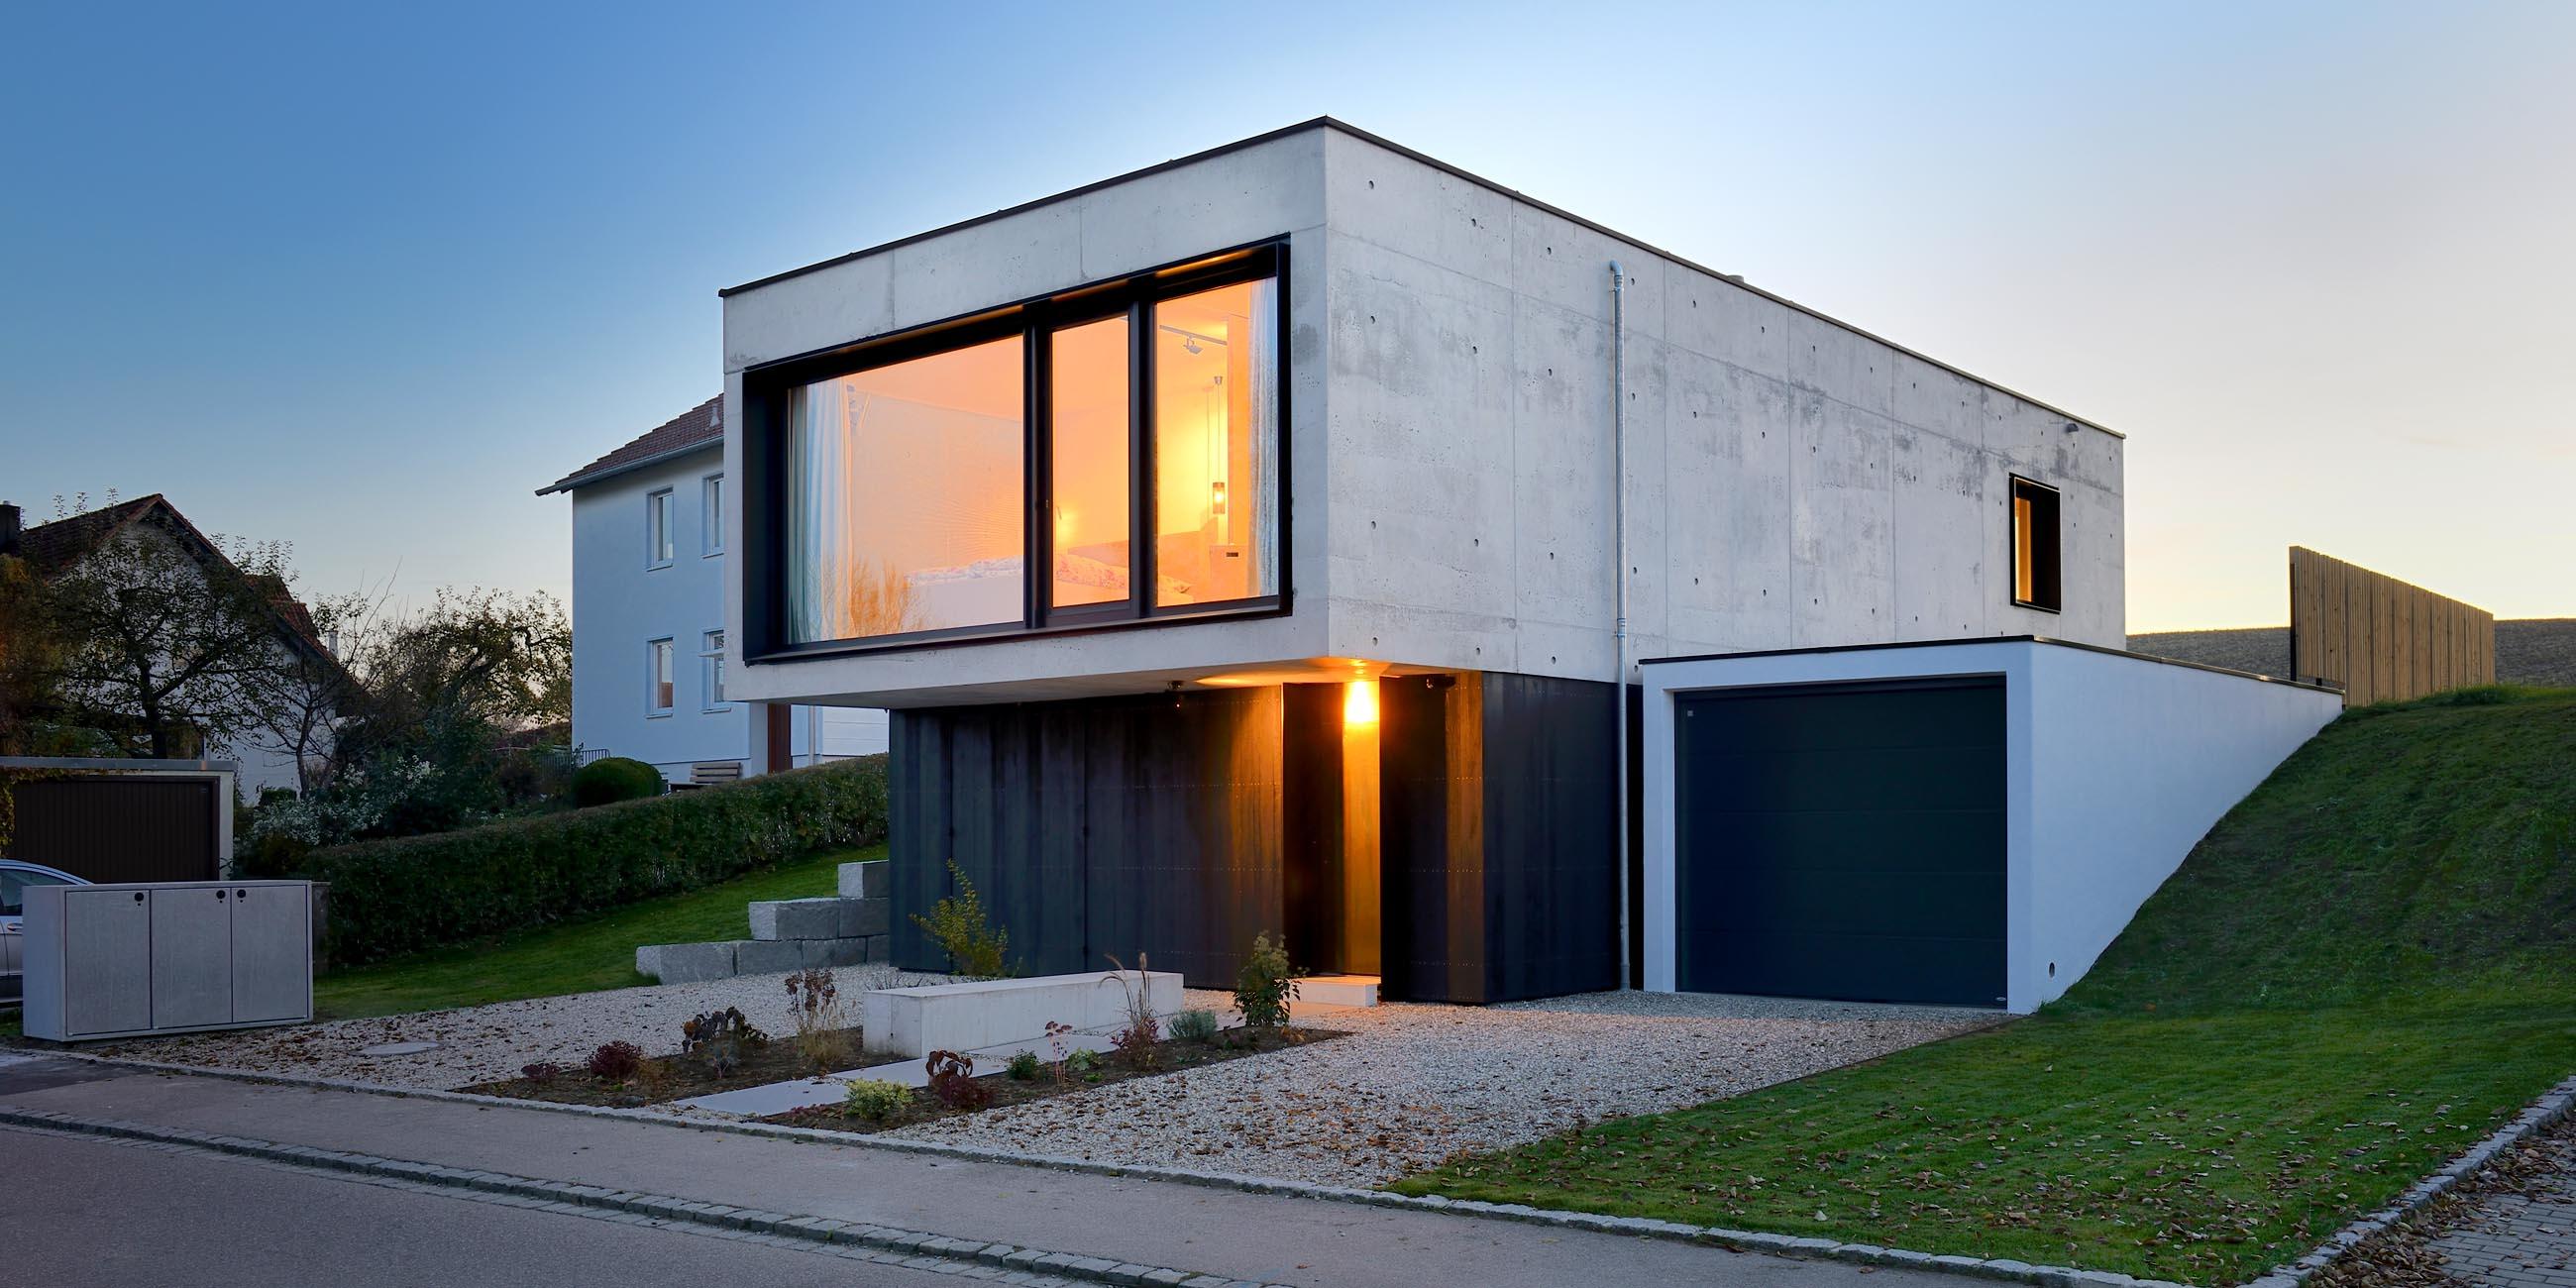 einfamilienhaus aus infraleichtbeton. Black Bedroom Furniture Sets. Home Design Ideas